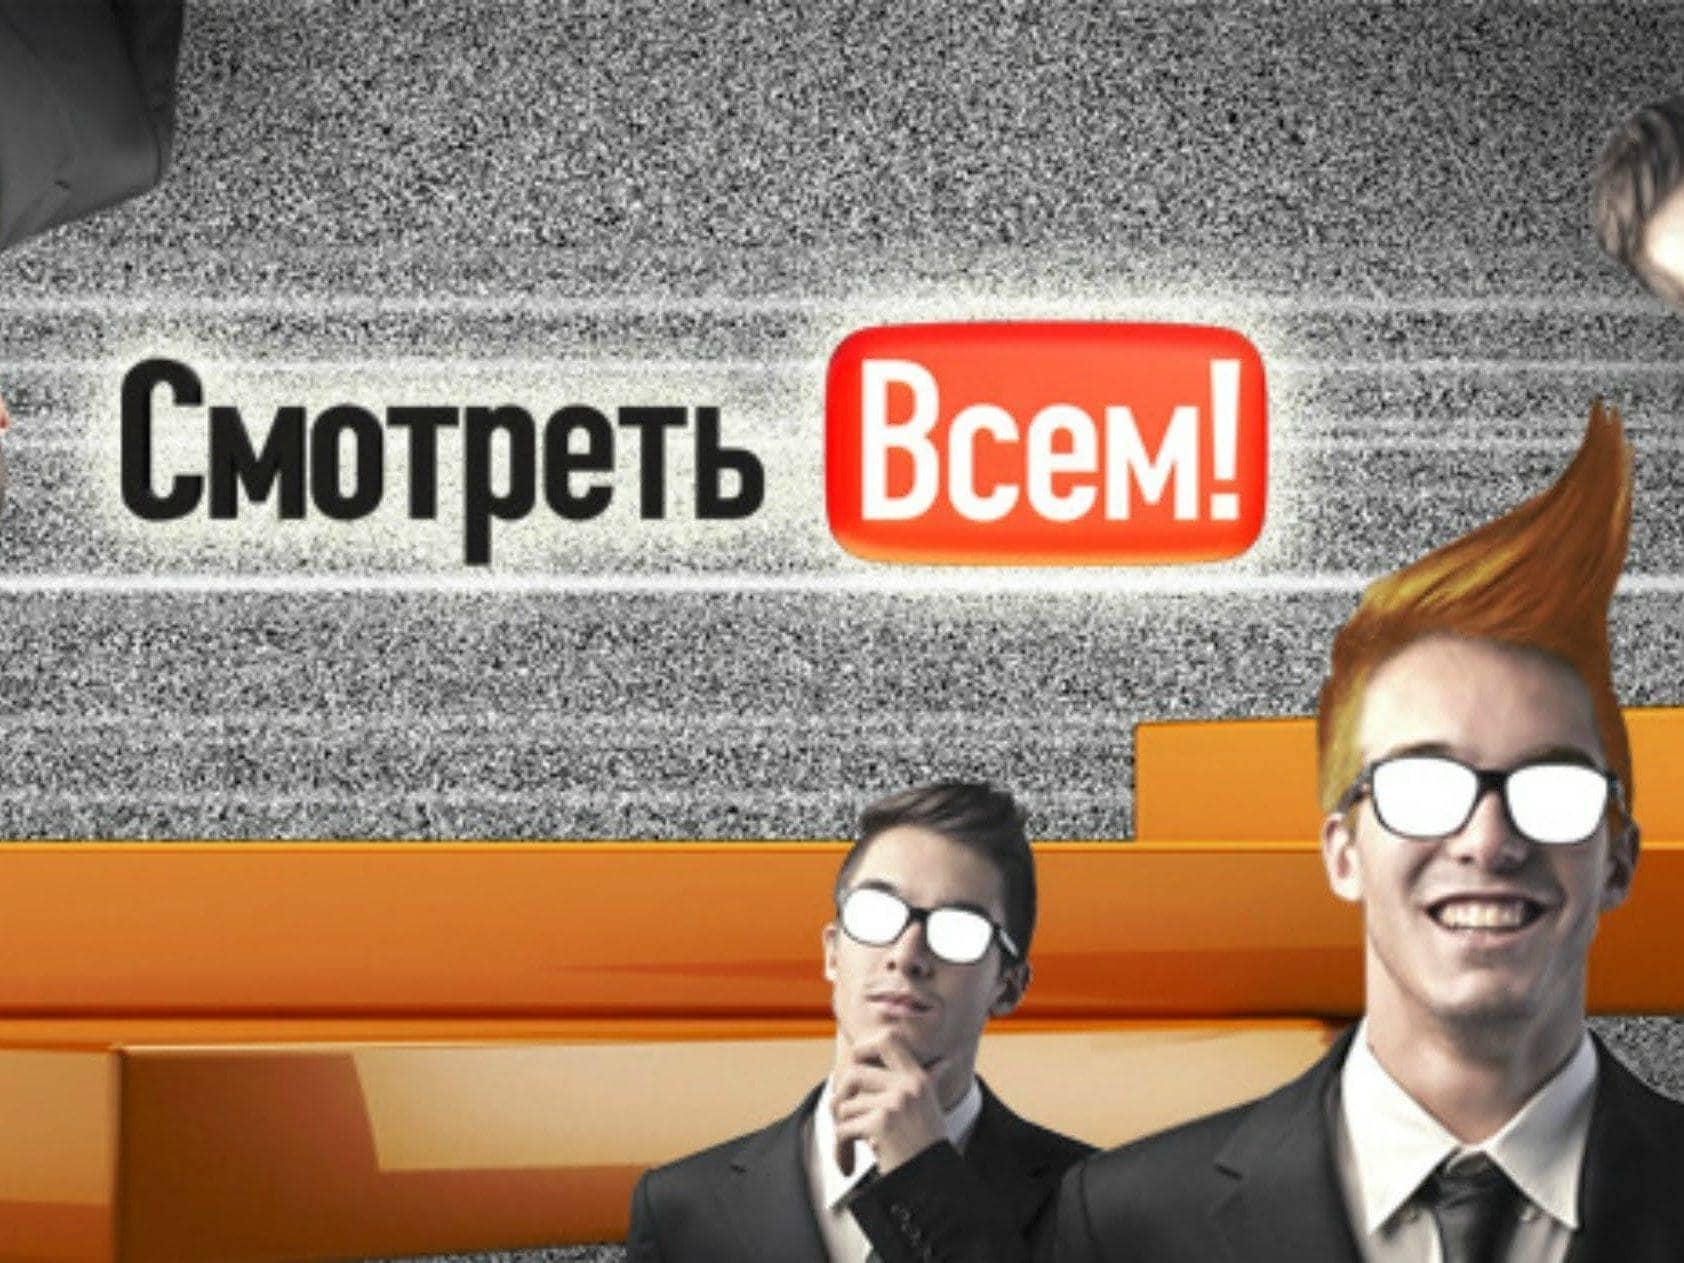 Смотреть всем! 381 серия в 22:17 на РЕН ТВ